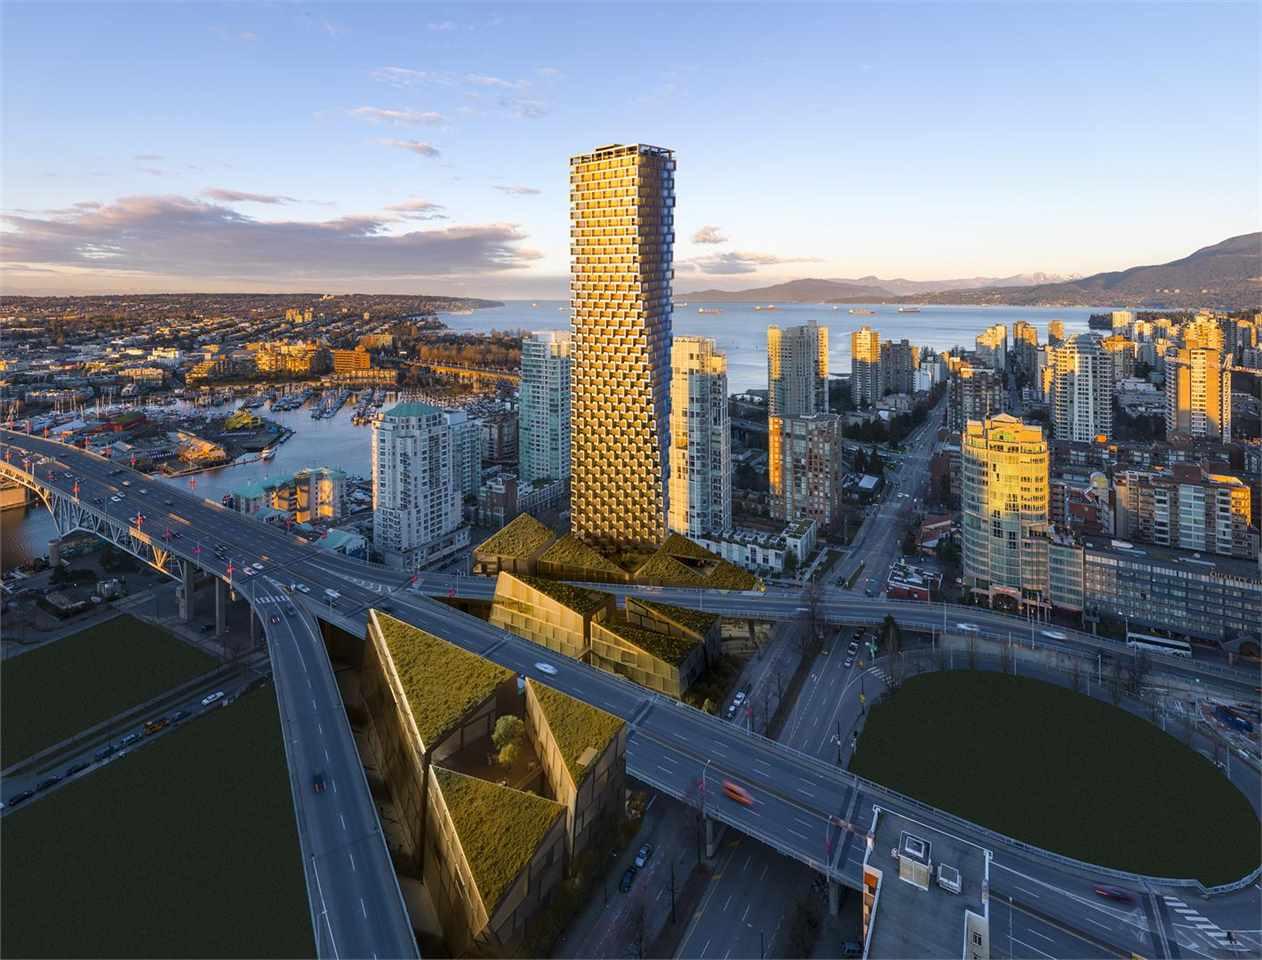 4603 1480 HOWE STREET, Vancouver